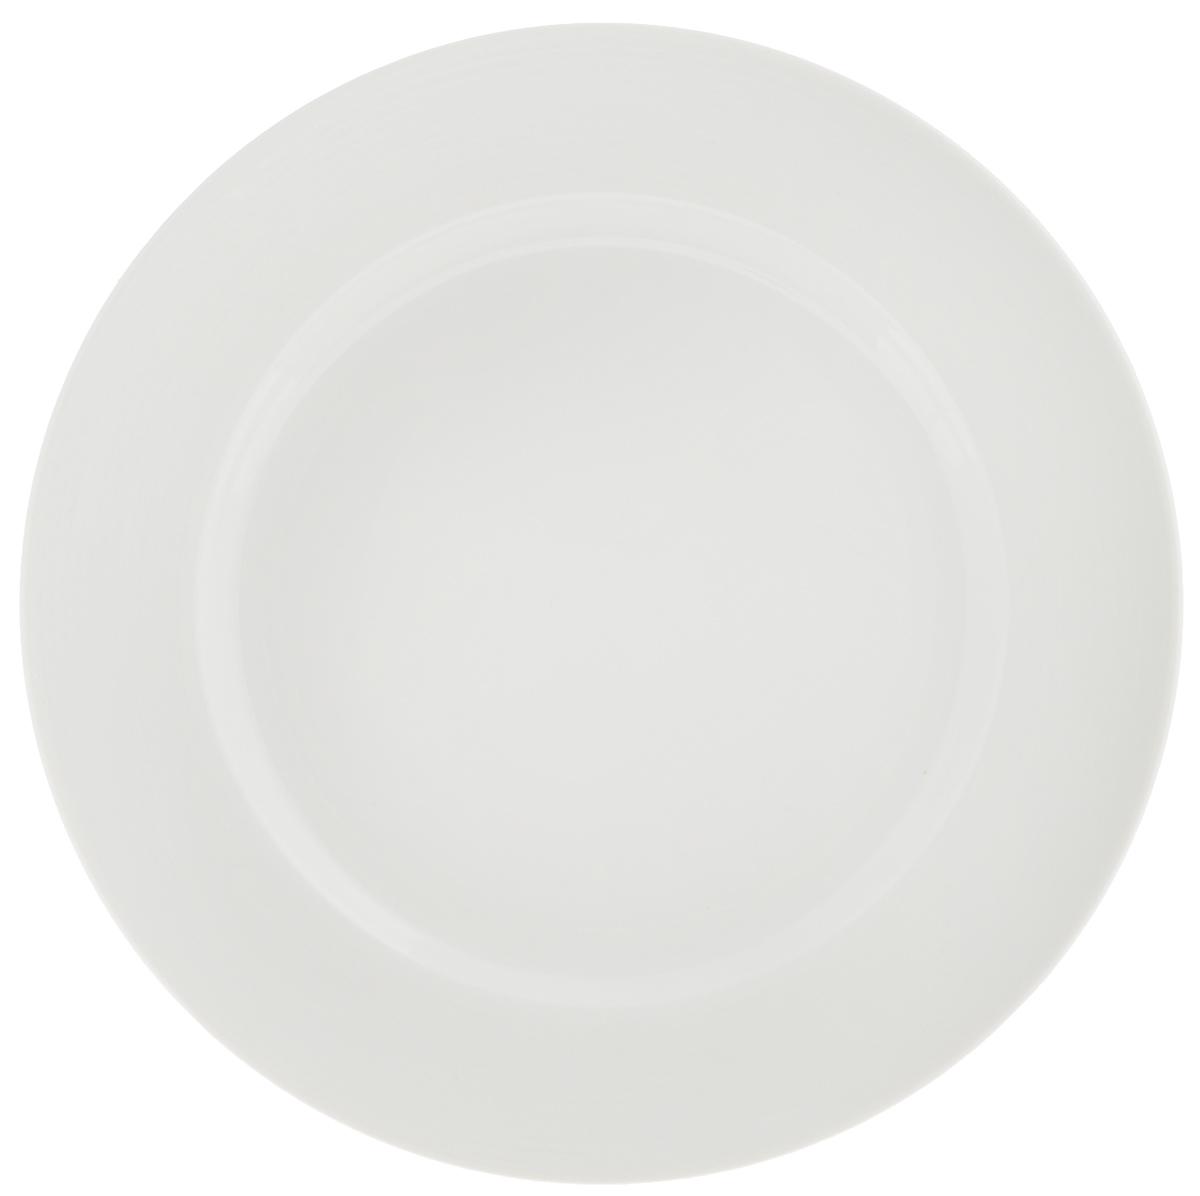 Тарелка десертная Tescoma Opus Stripes, диаметр 20 см385120Десертная тарелка Tescoma Opus Stripes изготовлена из фарфора. Изделие оформлено рельефным рисунком и имеет изысканный внешний вид. Такая тарелка прекрасно подходит как для торжественных случаев, так и для повседневного использования. Идеальна для подачи десертов, пирожных, тортов и многого другого. Она прекрасно оформит стол и станет отличным дополнением к вашей коллекции кухонной посуды. Пригодна для использования в микроволновой печи. Можно мыть в посудомоечной машине.Диаметр тарелки (по верхнему краю): 20 см. Высота тарелки: 2,2 см